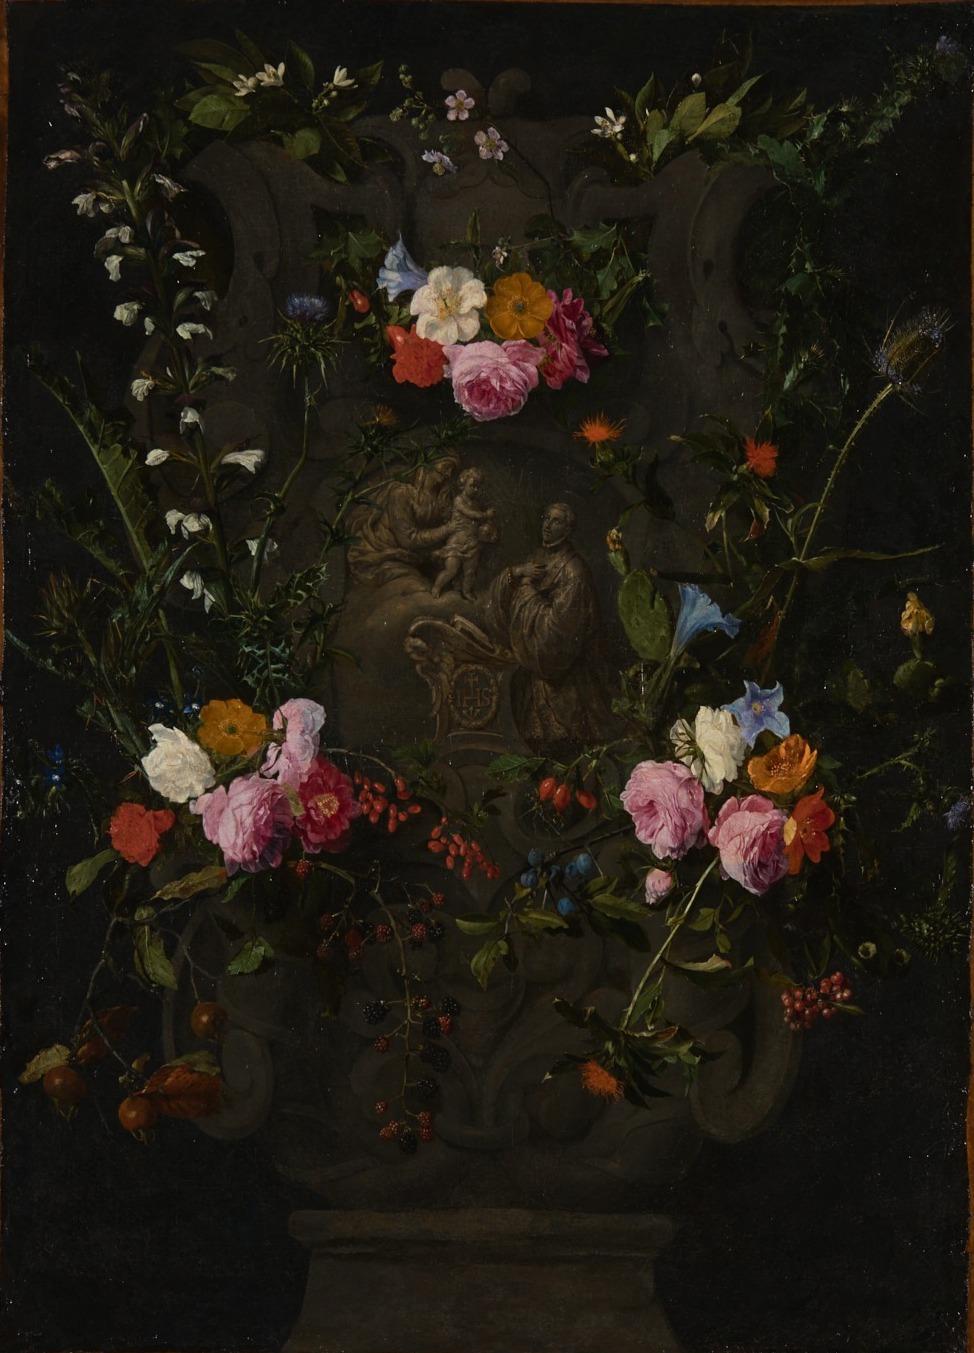 Daniël Seghers - Bloemenkrans met de heilige Franciscus Xaverius